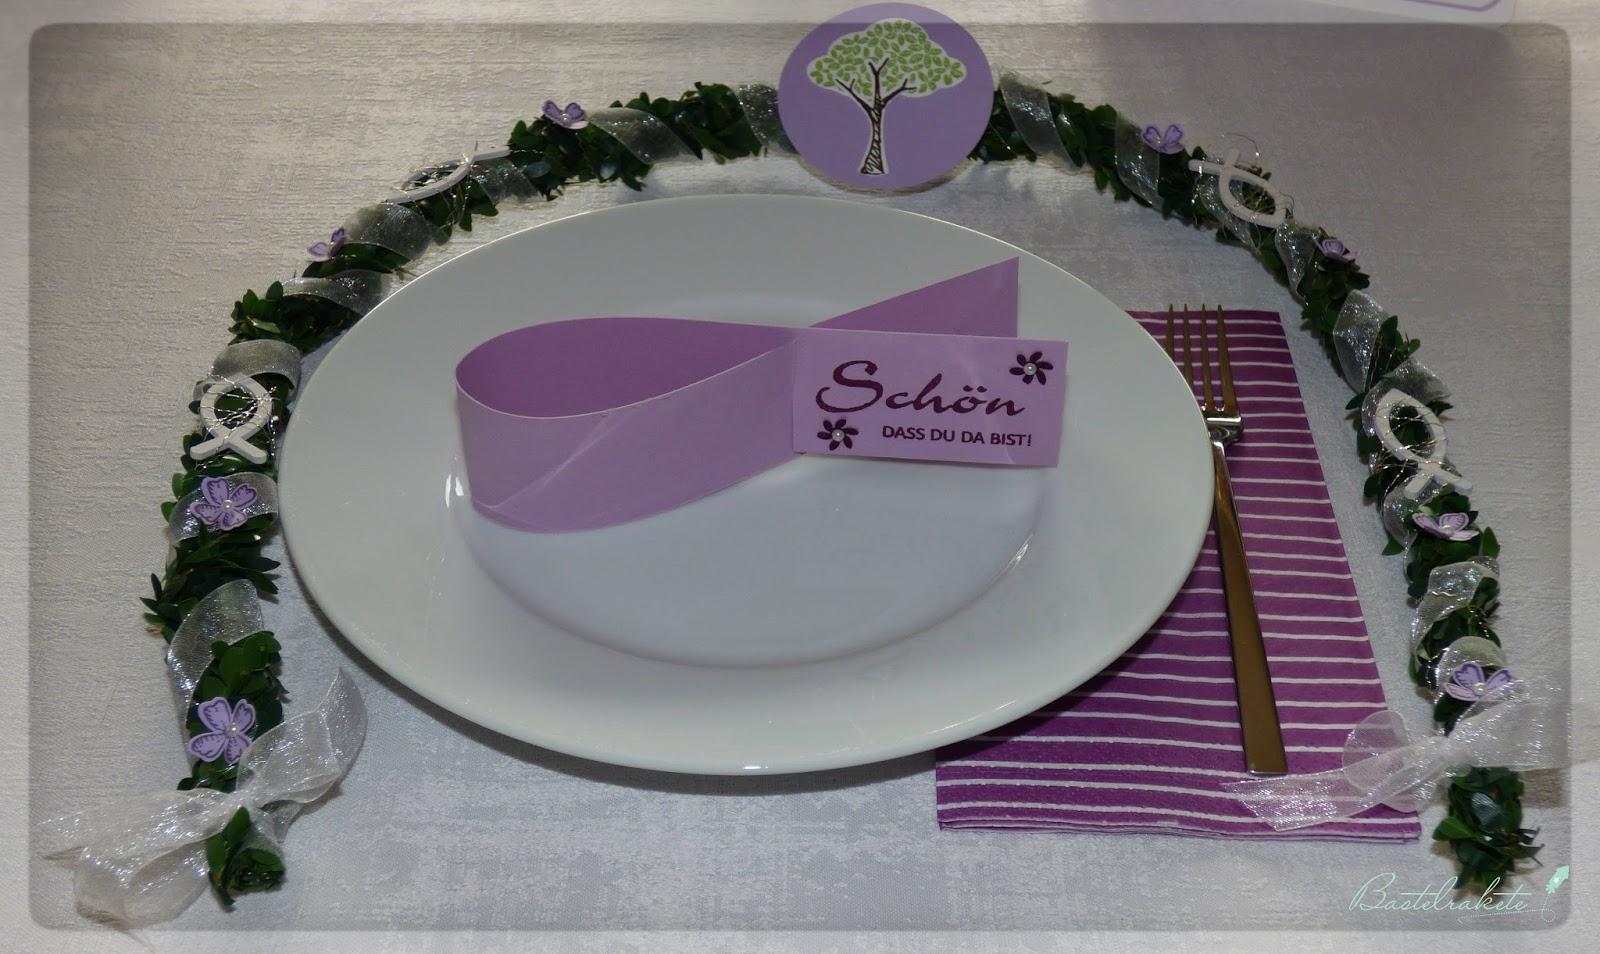 Bastelrakete kommunion deko for Pink deko